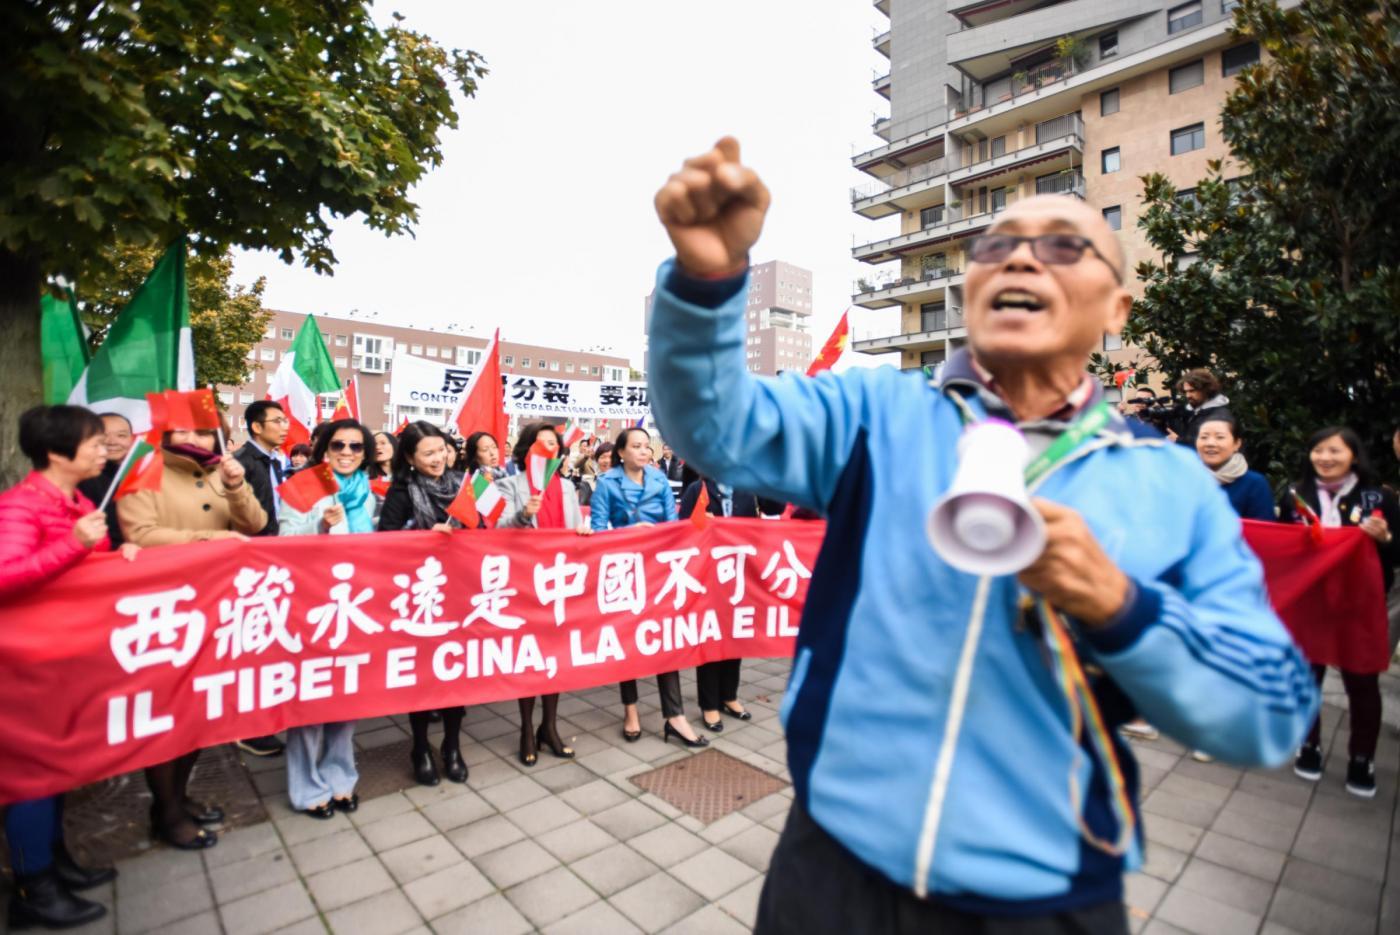 Protesta della comunita cinese per la visita del Dalai Lama